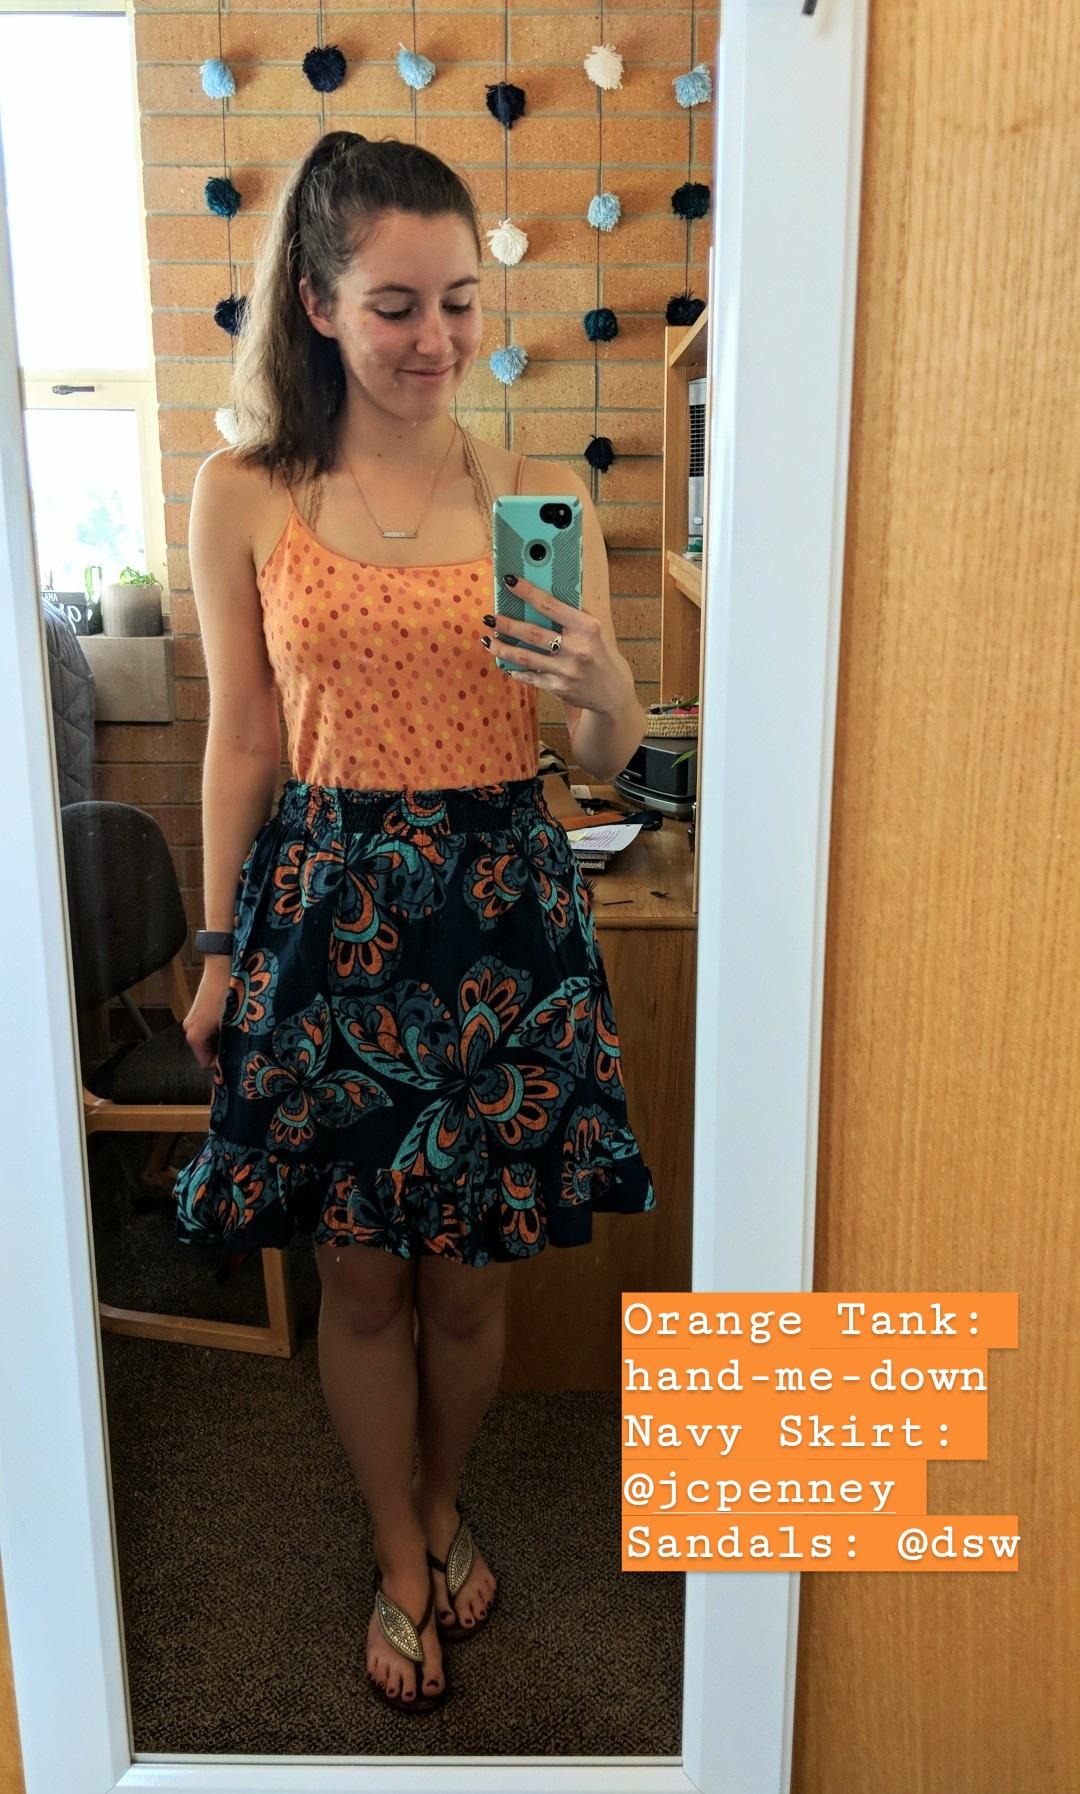 pattern mixing, print mixing, orange tank top, hand-me-down